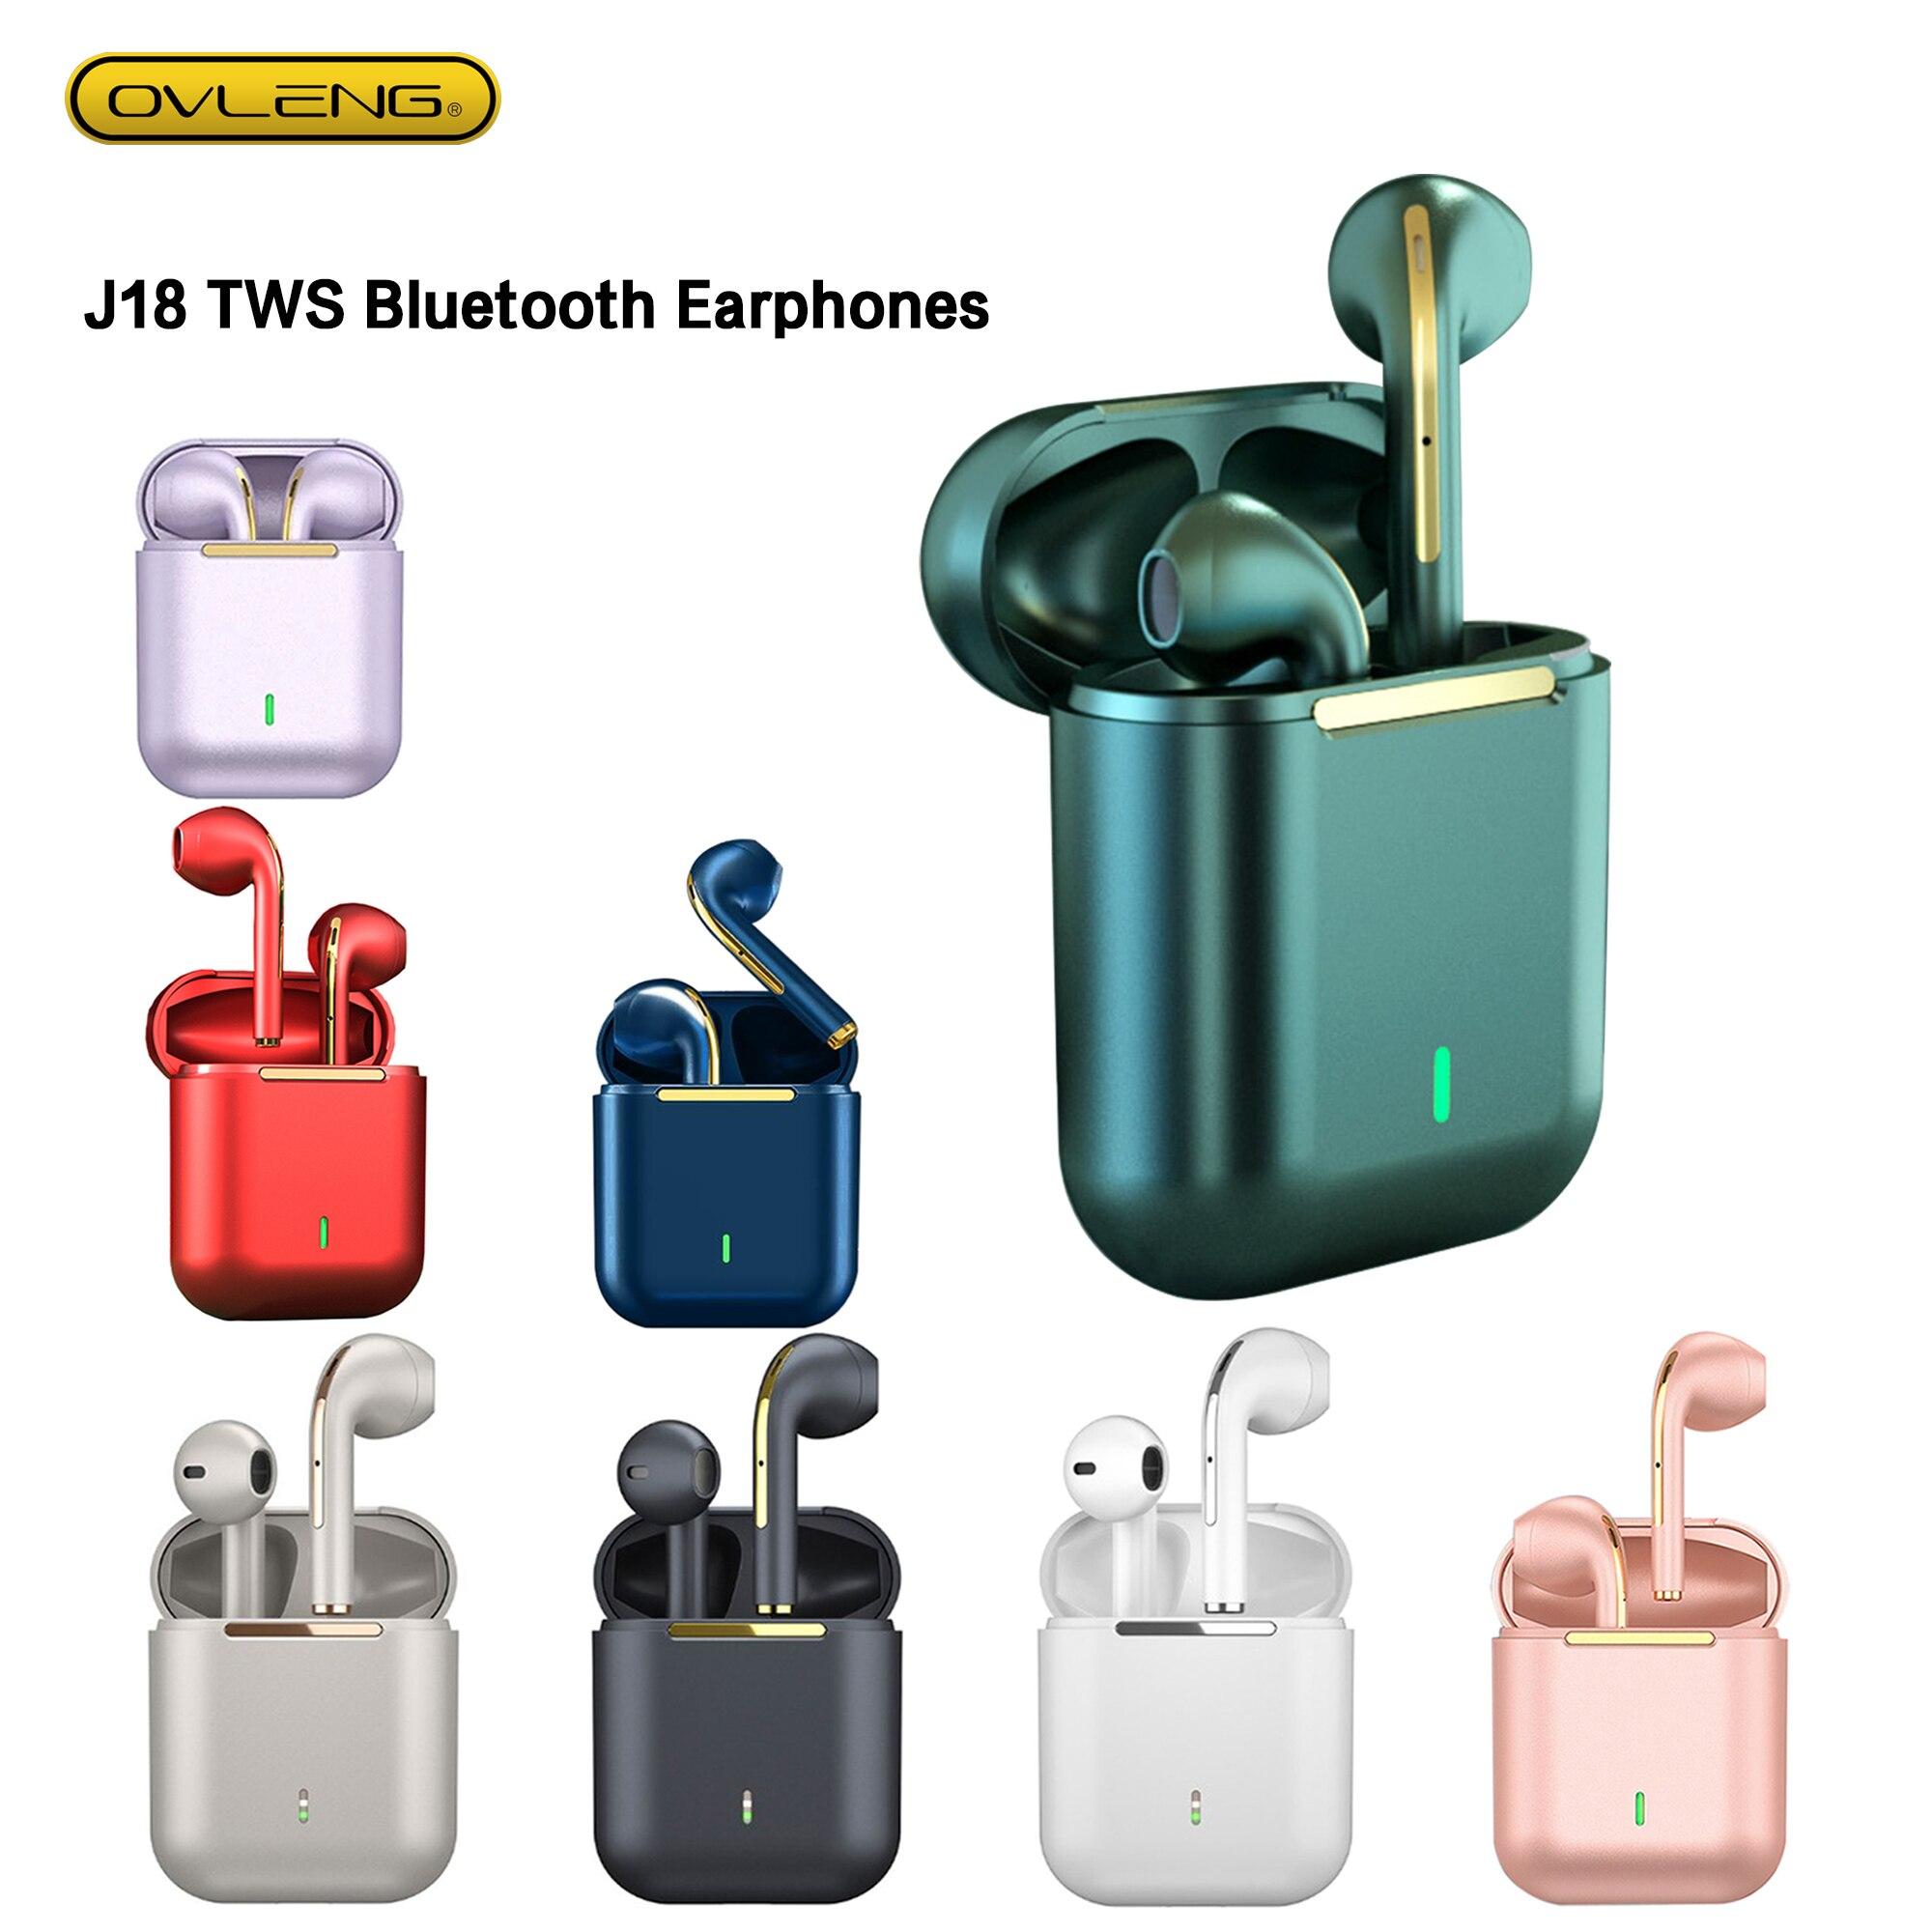 BIUTIFU-سماعة رأس لاسلكية تعمل بالبلوتوث 2021 ، J18 TWS ، سماعة موسيقى بدون استخدام اليدين ، سماعة تحكم للهواتف الذكية ، 5.0